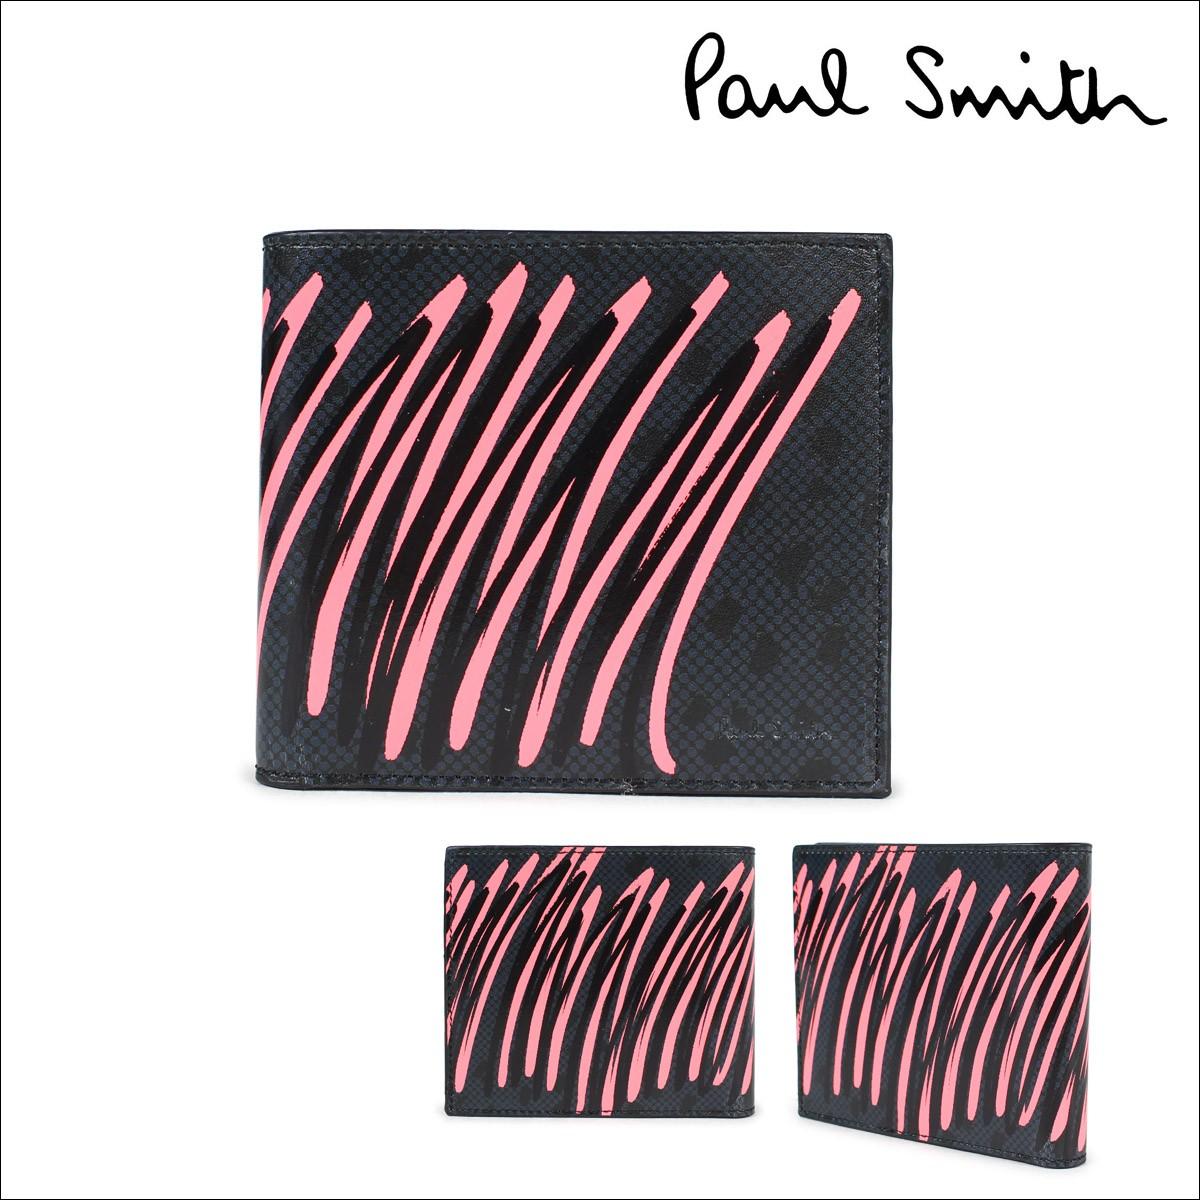 ポールスミス 財布 レディース 二つ折り Paul Smith 本革 ラウンドファスナー SMART WALLET ブラック 4832